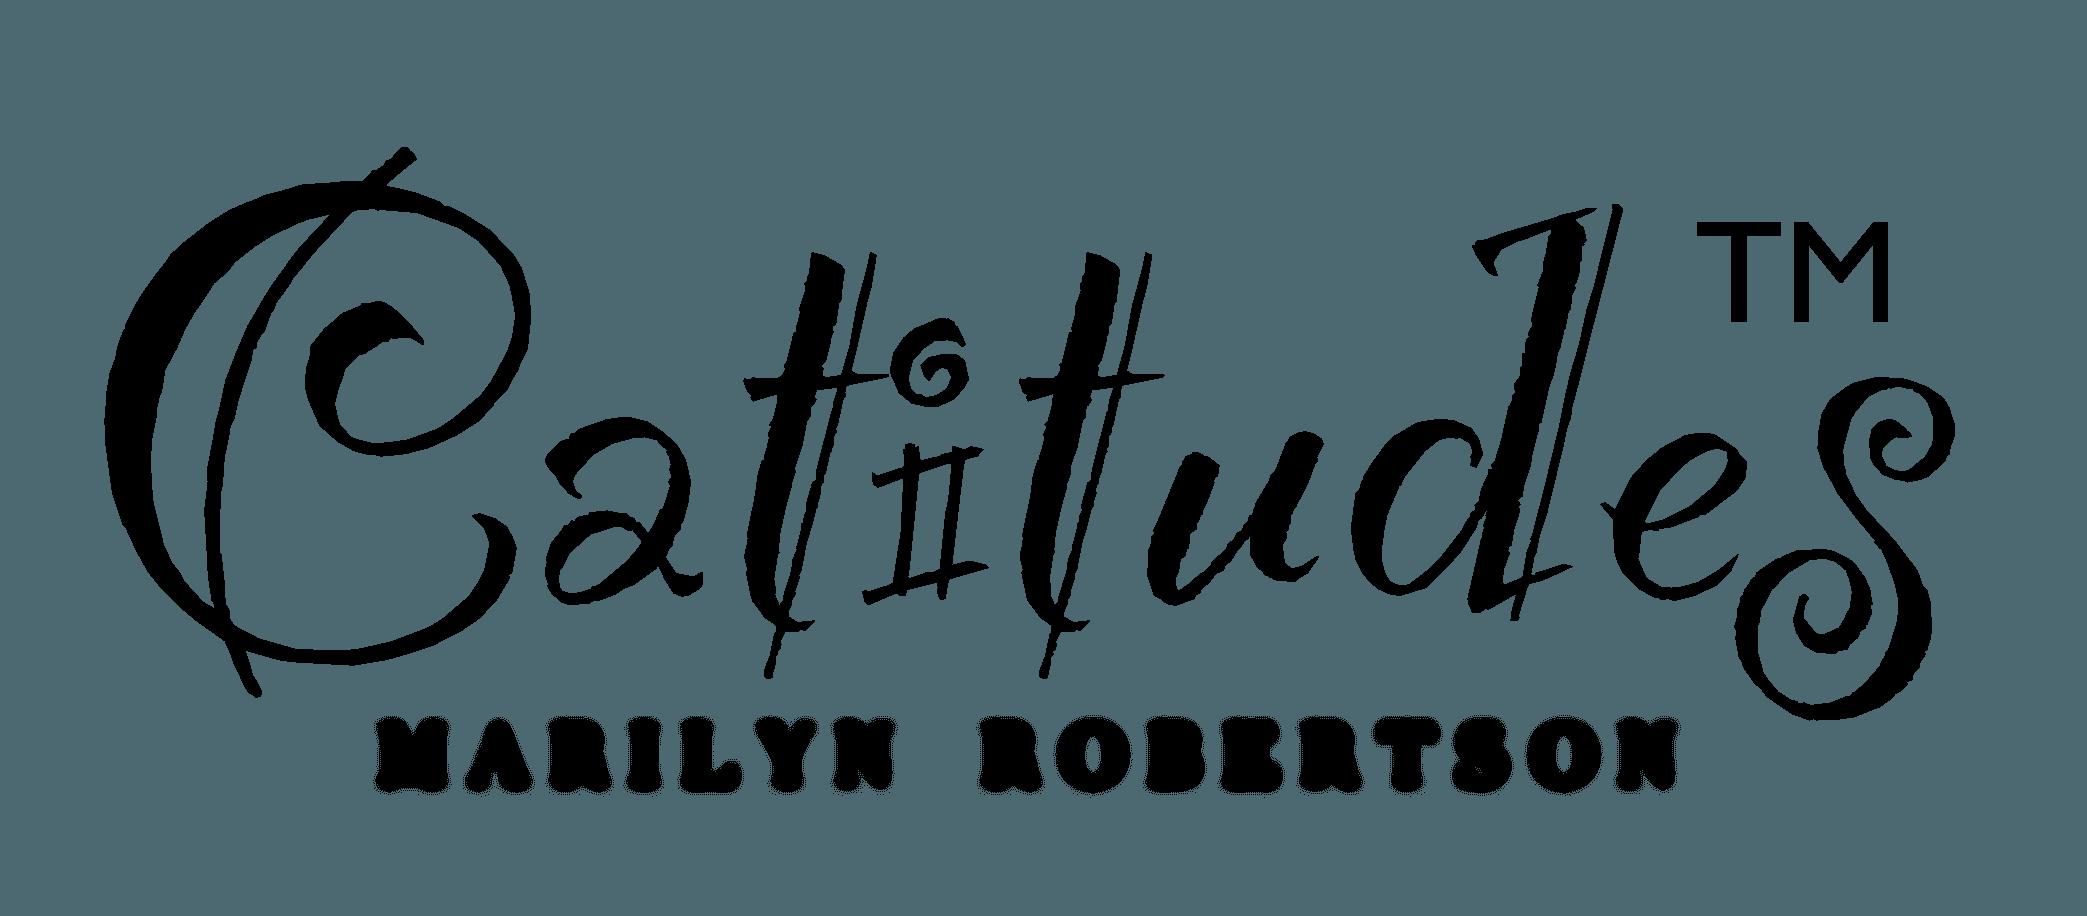 Catitudes